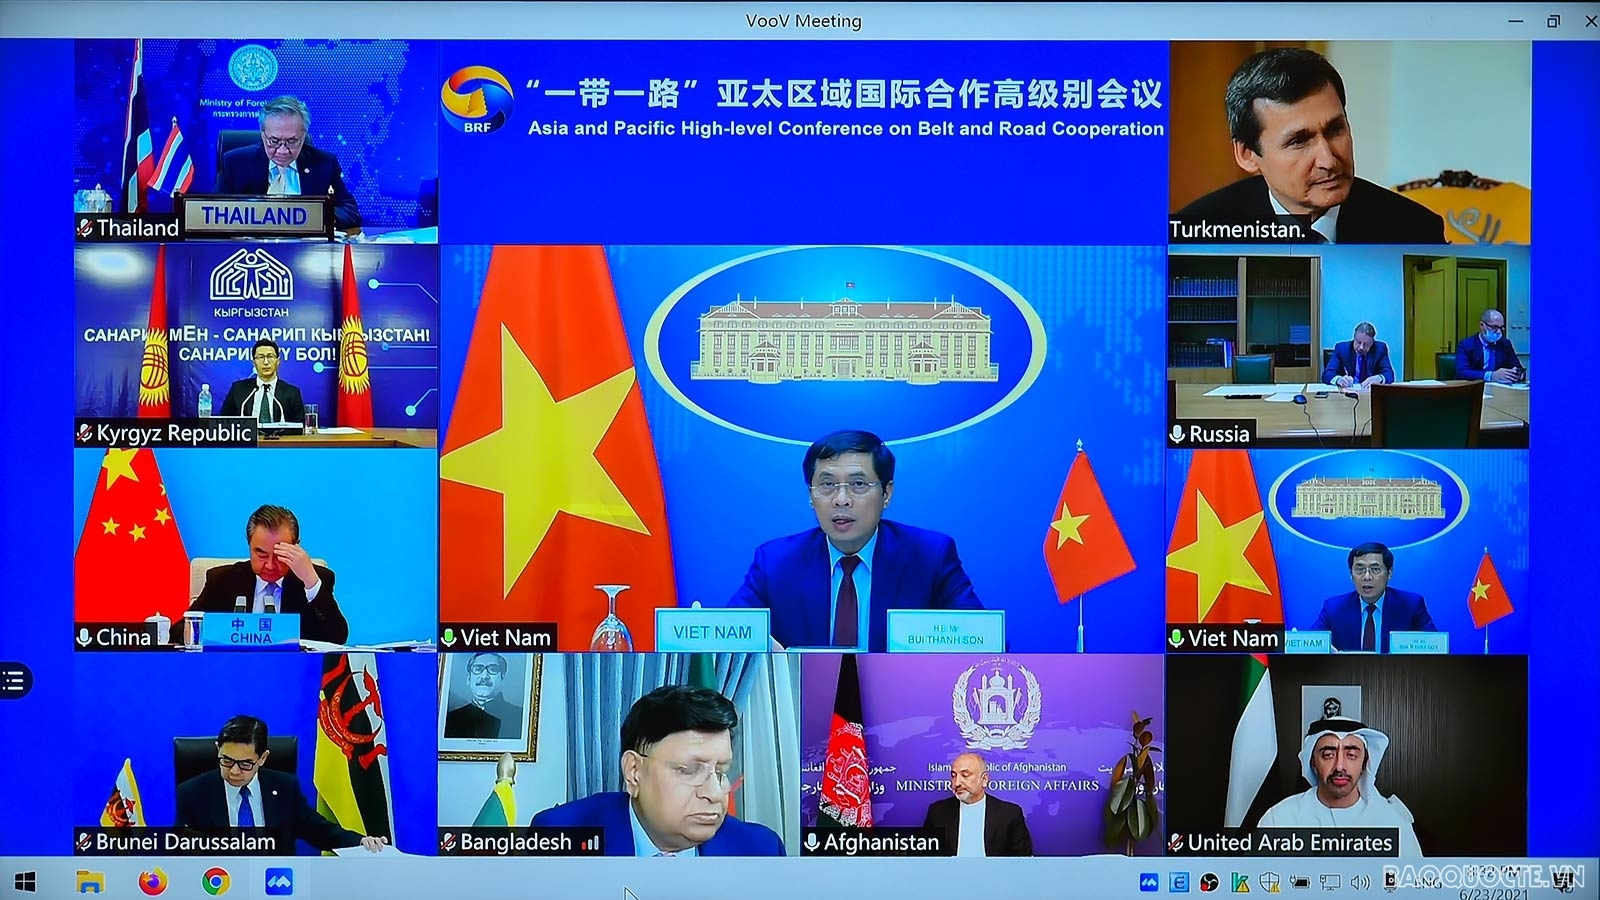 Bộ trưởng Bùi Thanh Sơn dự HNCC trực tuyến khu vực châu Á-Thái Bình Dương về hợp tác Vành đai và Con đường